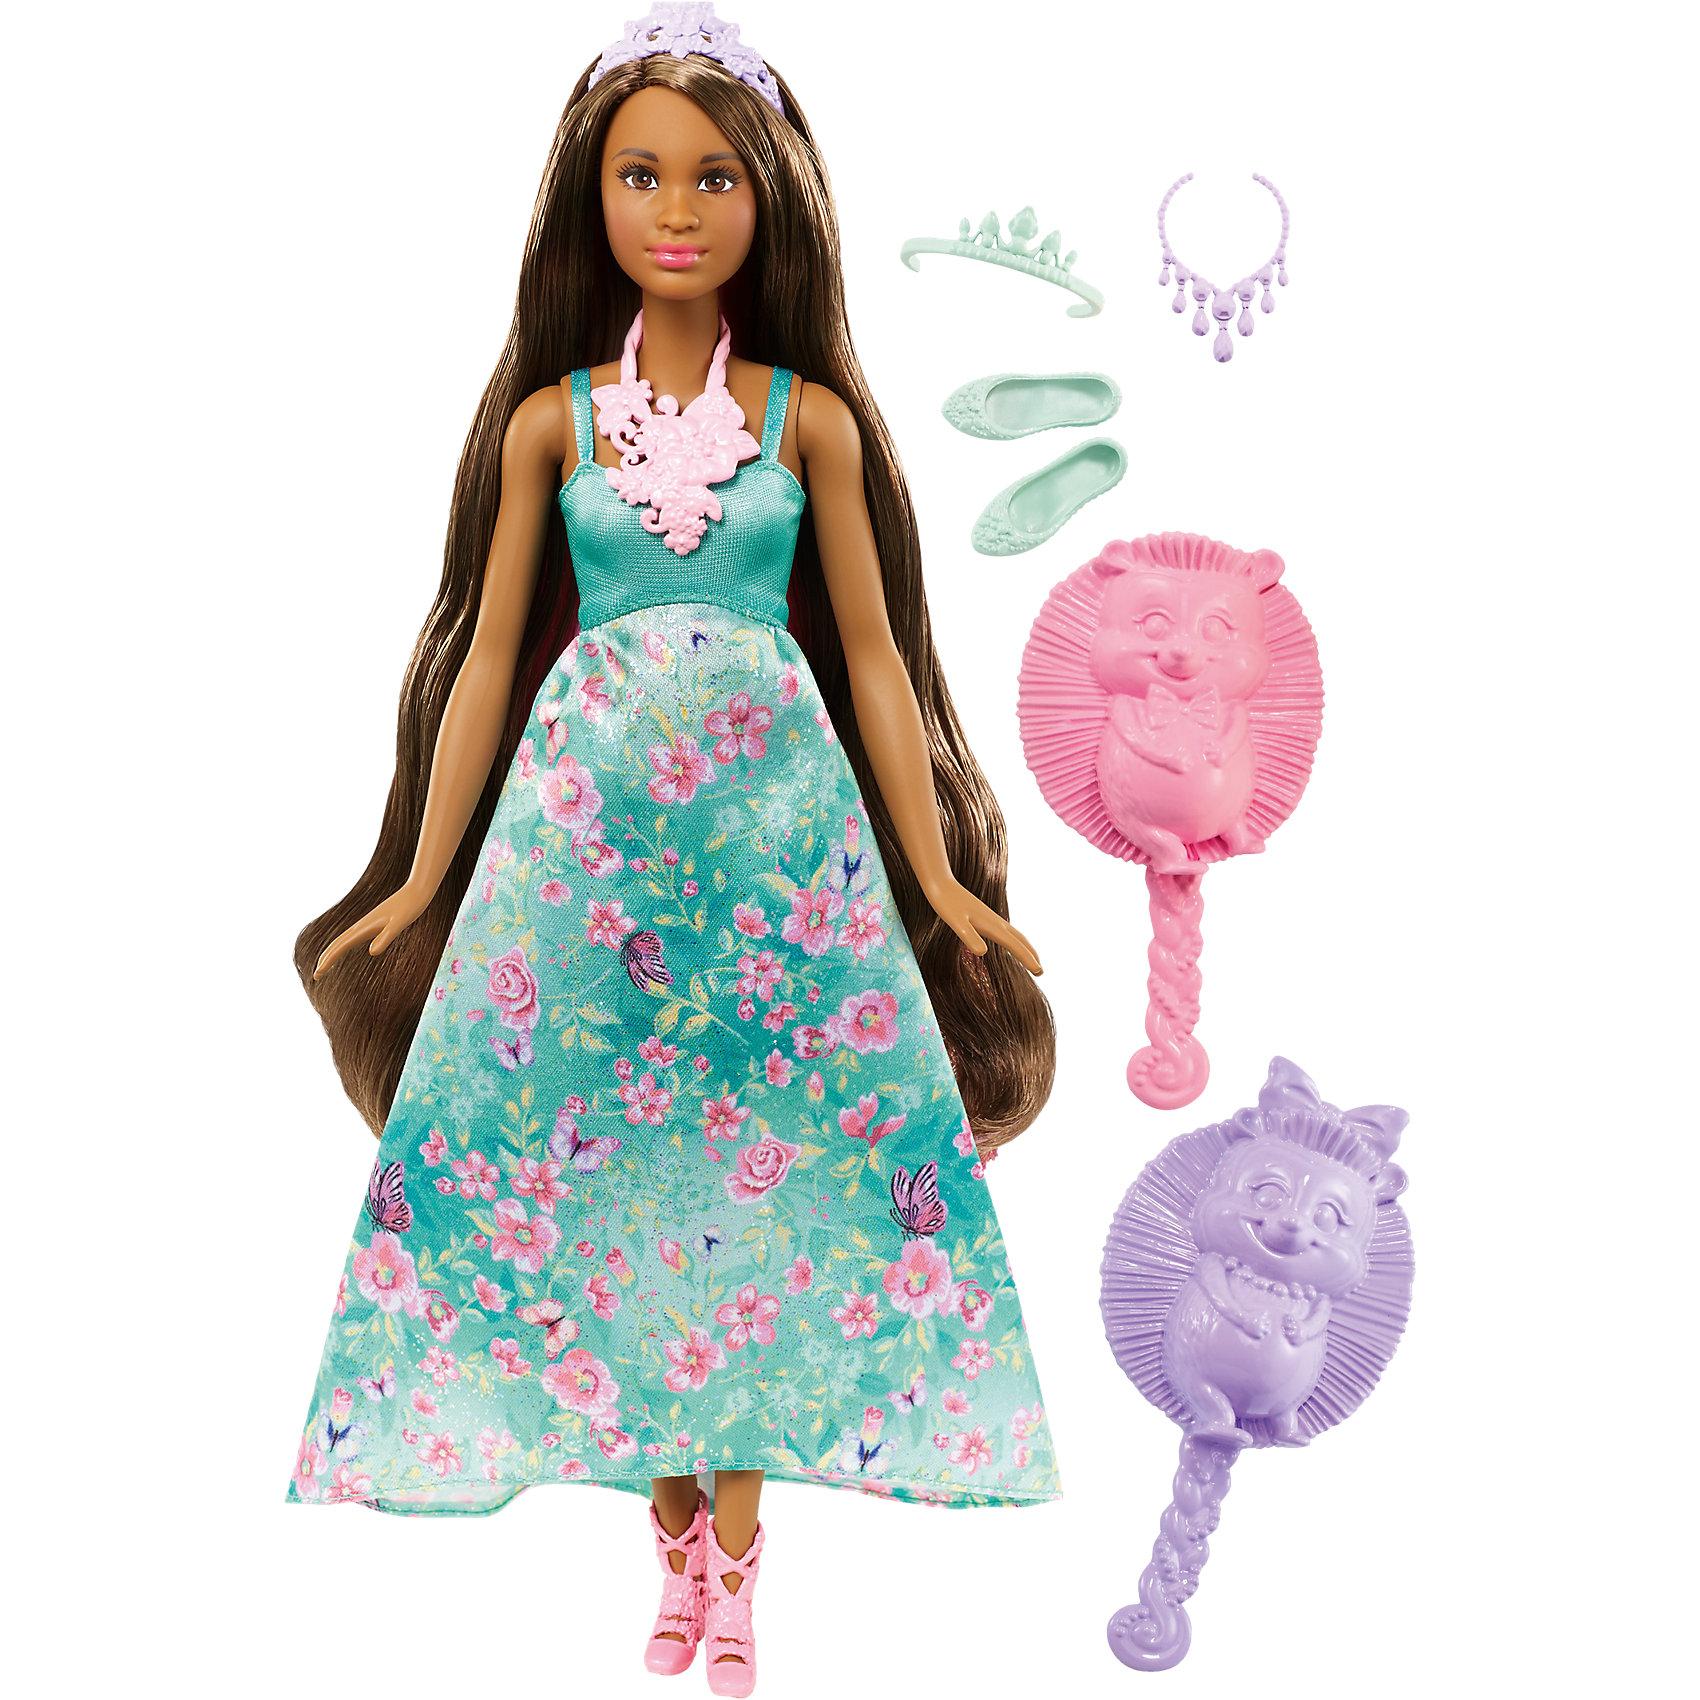 Принцесса с волшебными волосами, BarbieХарактеристики товара:<br><br>• комплектация: кукла, одежда, аксессуары, расческа и губка<br>• материал: пластик, текстиль<br>• серия: Barbie™ Dreamtopia «Принцесса с волшебными волосами»<br>• руки, ноги гнутся<br>• высота куклы: 29 см<br>• возраст: от трех лет<br>• размер упаковки: 33х12х5 см<br>• вес: 0,3 кг<br>• страна бренда: США<br><br>Эта красивая кукла Барби умеет менять цвет волос! Чтобы начать с ней играть, необходимо повернуть макушку куклы или смочить пряди губкой из набора! Барби из серии Dreamtopia «Принцесса с волшебными волосами» станет великолепным подарком для девочек. Кукла одета в красивый наряд и дополнена аксессуарами.<br><br>Куклы - это не только весело, они помогают девочкам развить вкус и чувство стиля, отработать сценарии поведения в обществе, развить воображение и мелкую моторику. Кукла от бренда Mattel не перестает быть популярной! <br><br>Куклу Принцесса с волшебными волосами от компании Mattel можно купить в нашем интернет-магазине.<br><br>Ширина мм: 328<br>Глубина мм: 230<br>Высота мм: 66<br>Вес г: 278<br>Возраст от месяцев: 36<br>Возраст до месяцев: 72<br>Пол: Женский<br>Возраст: Детский<br>SKU: 5257126